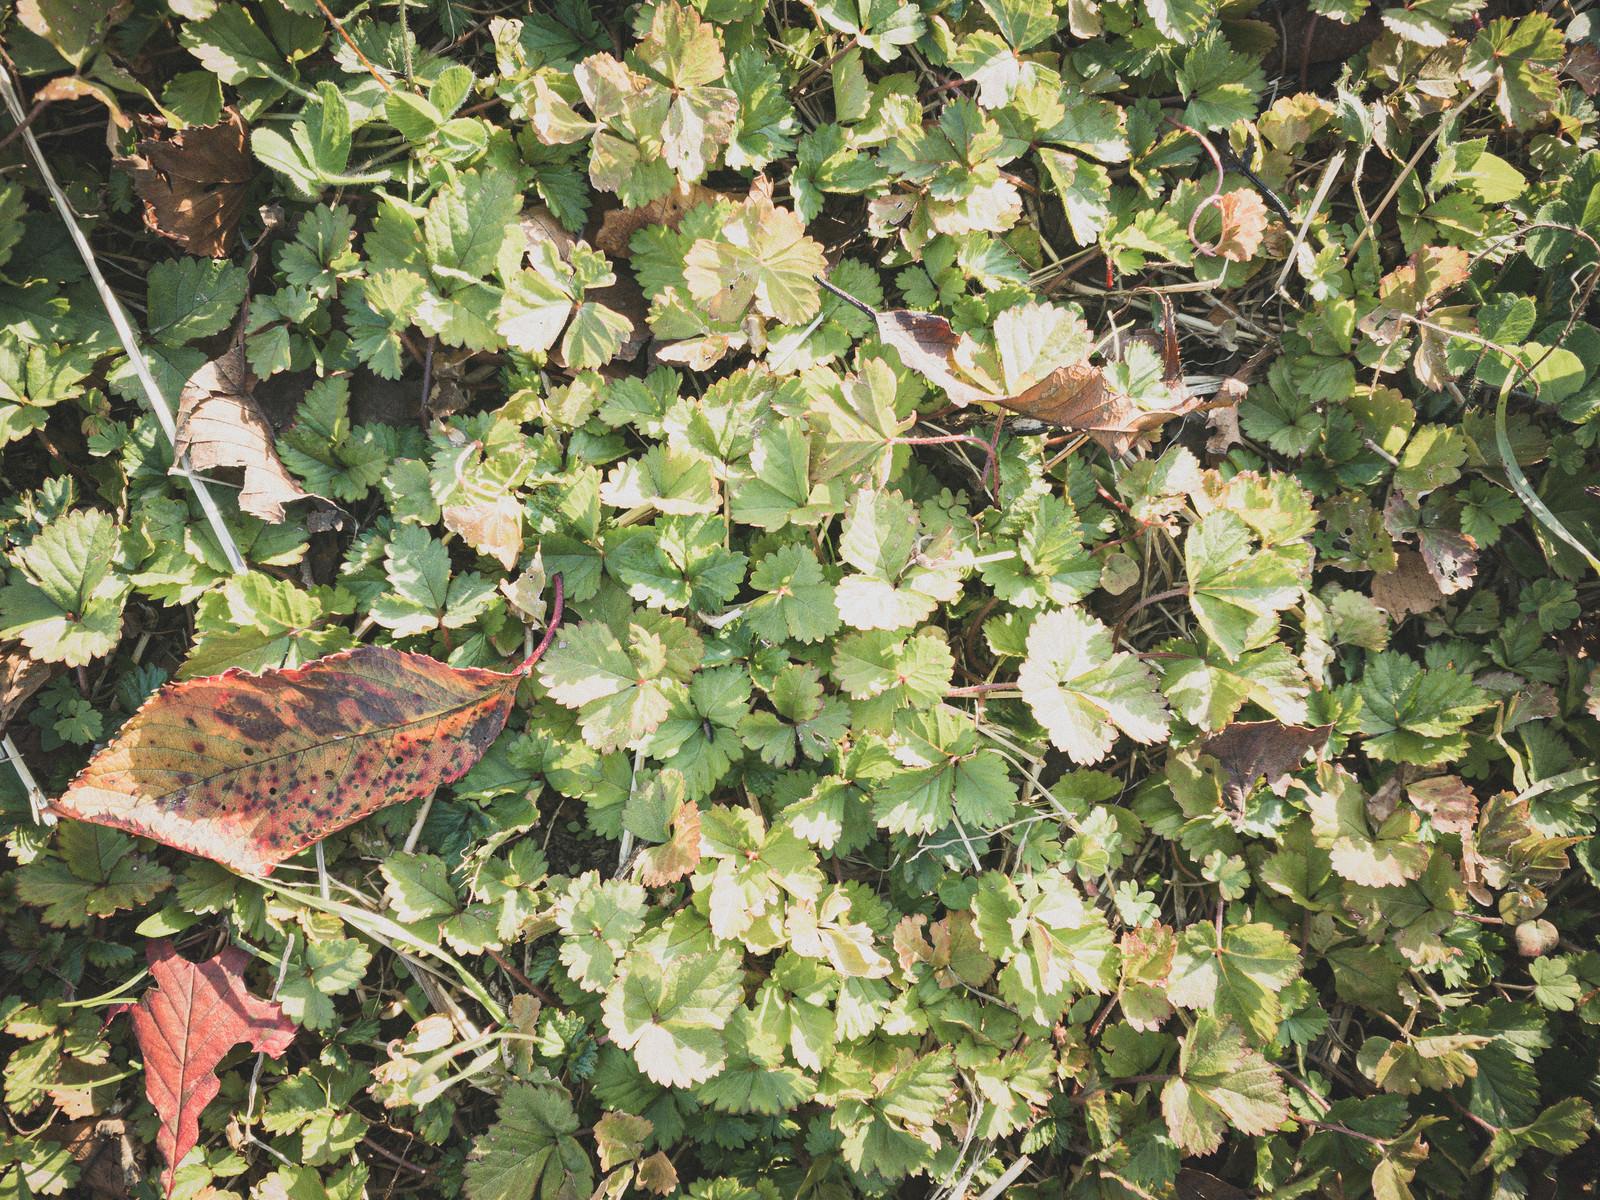 「雑草の中に落ちた枯れ葉(テクスチャ)」の写真